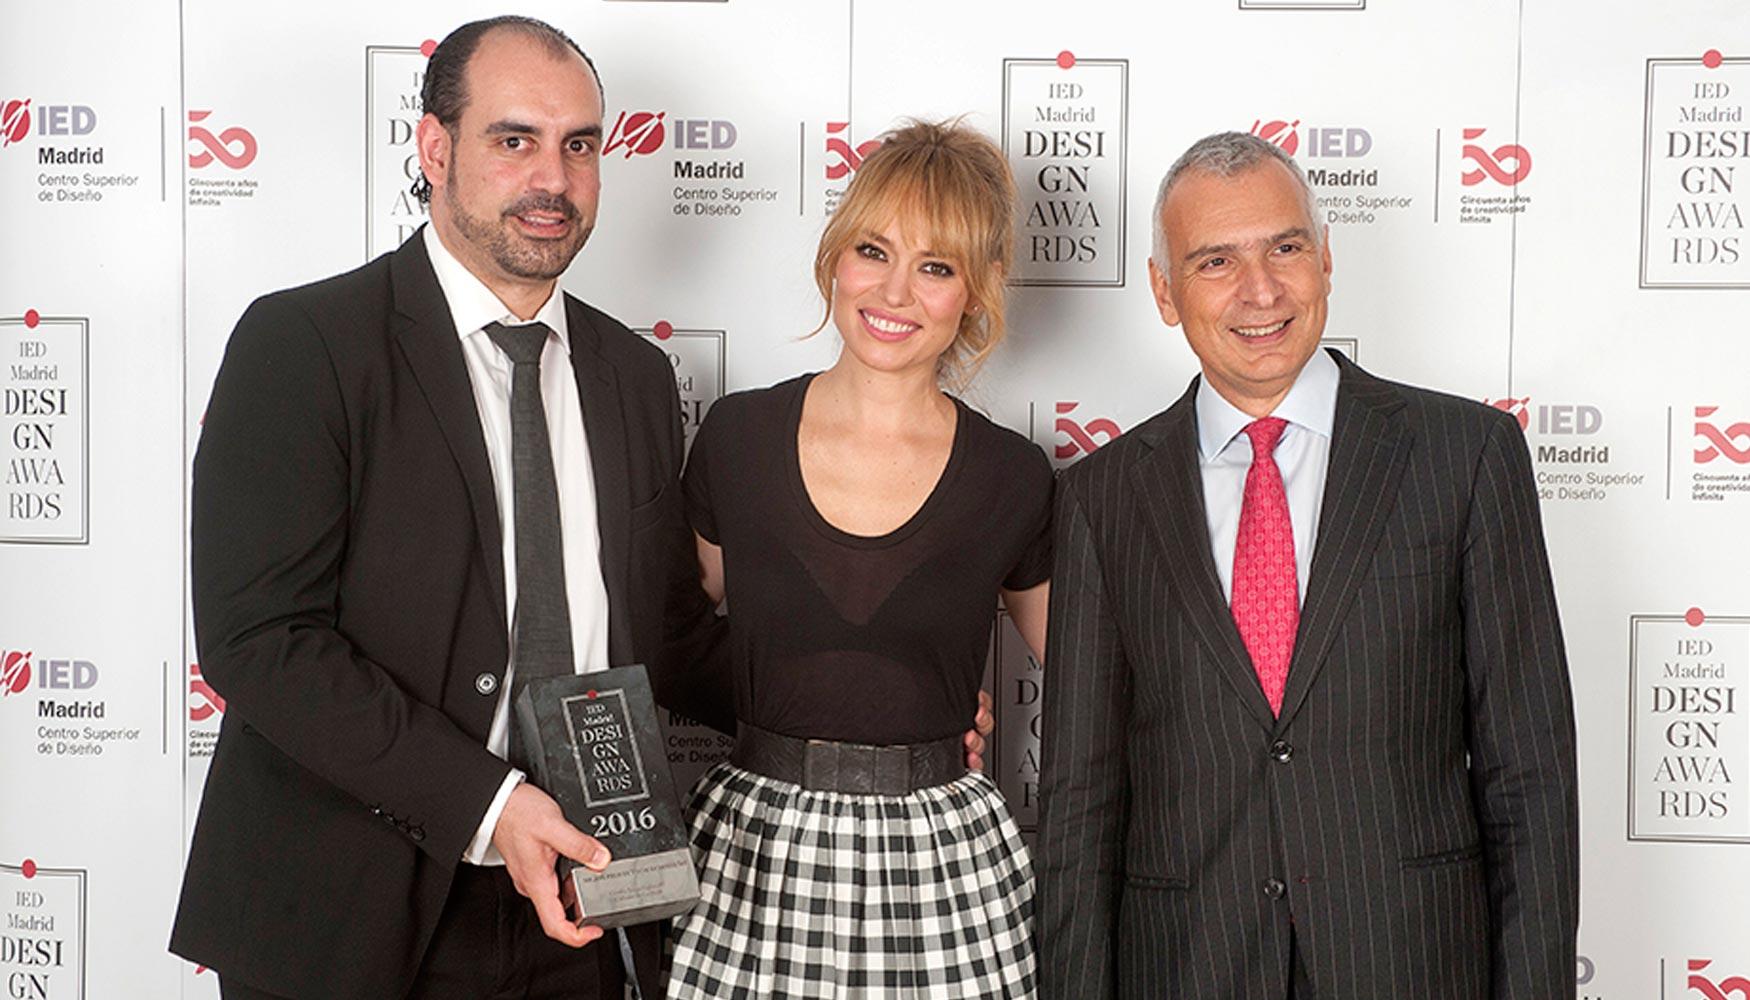 el ctcr líder en ecodiseño premiado en los ied madrid design awards